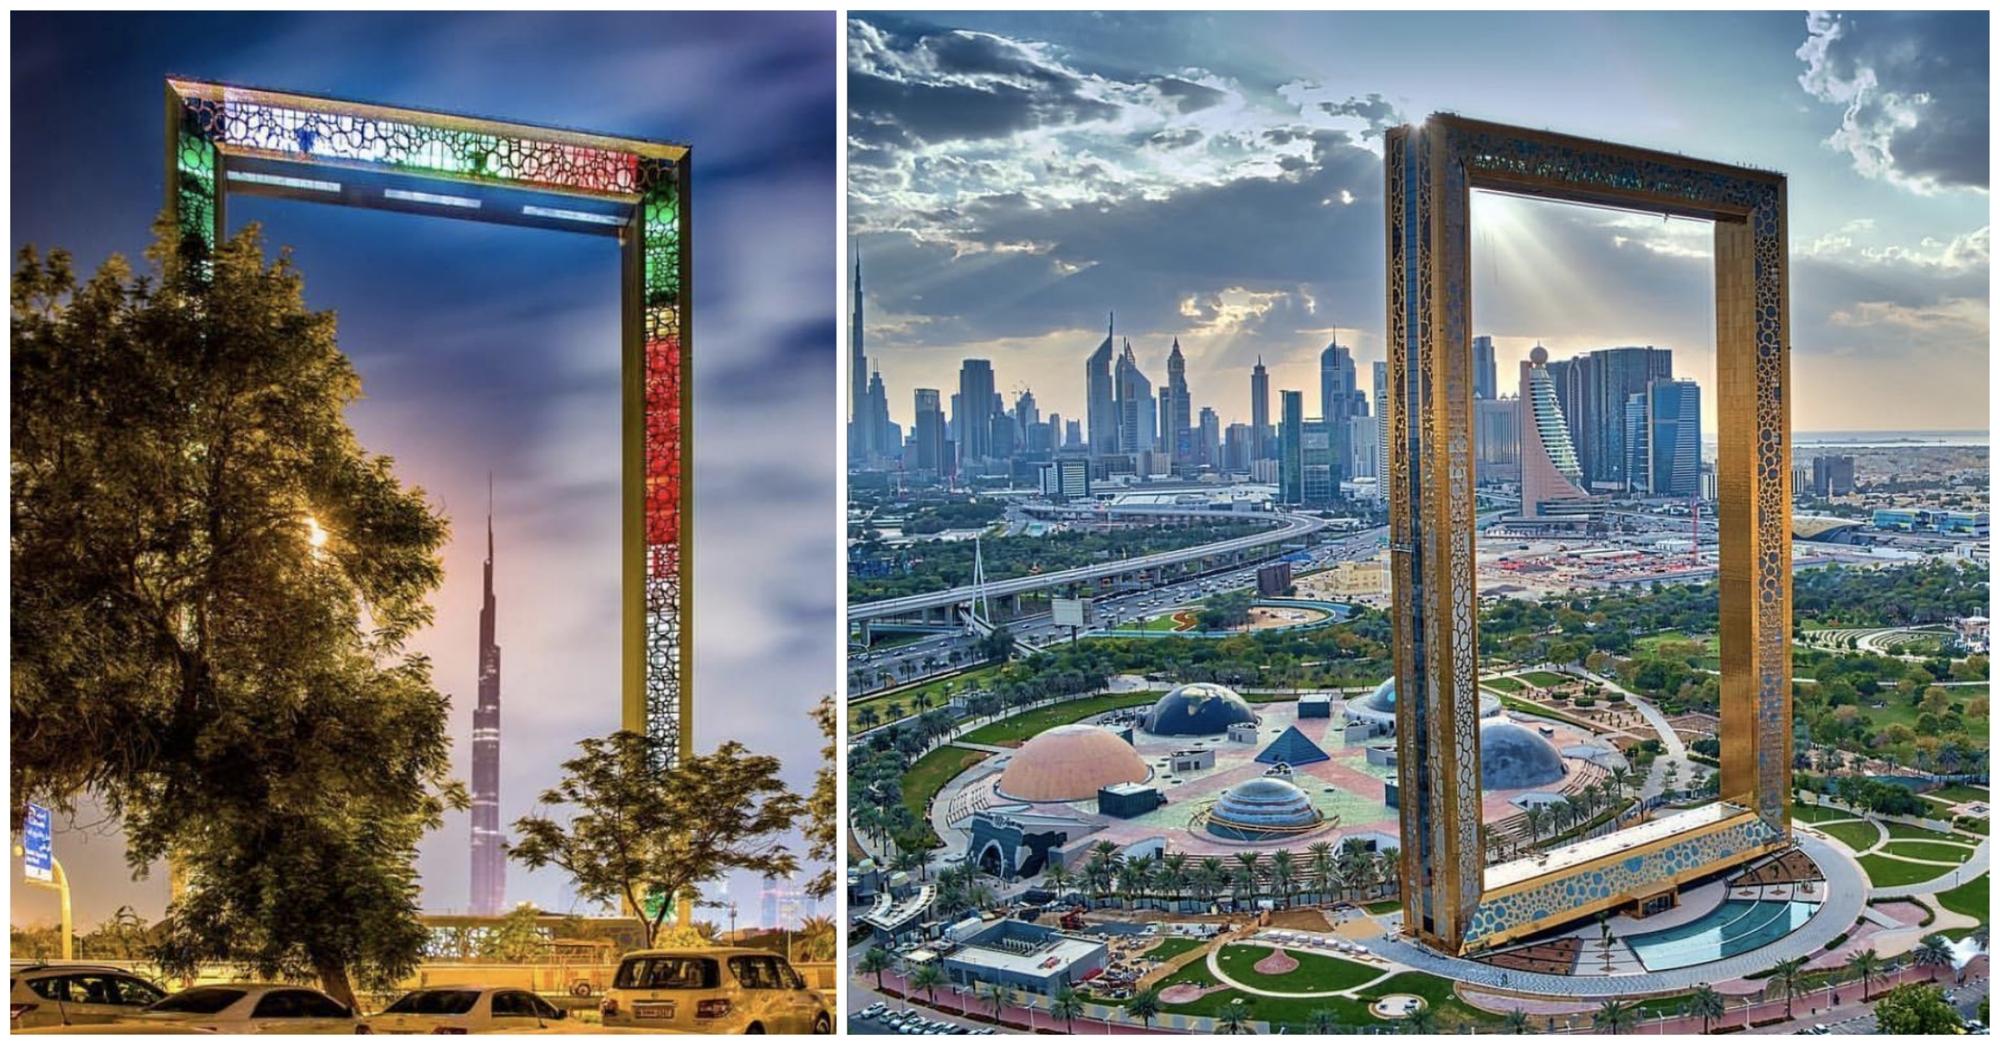 قاب دبی جدیدترین جاذبه گردشگری 2018